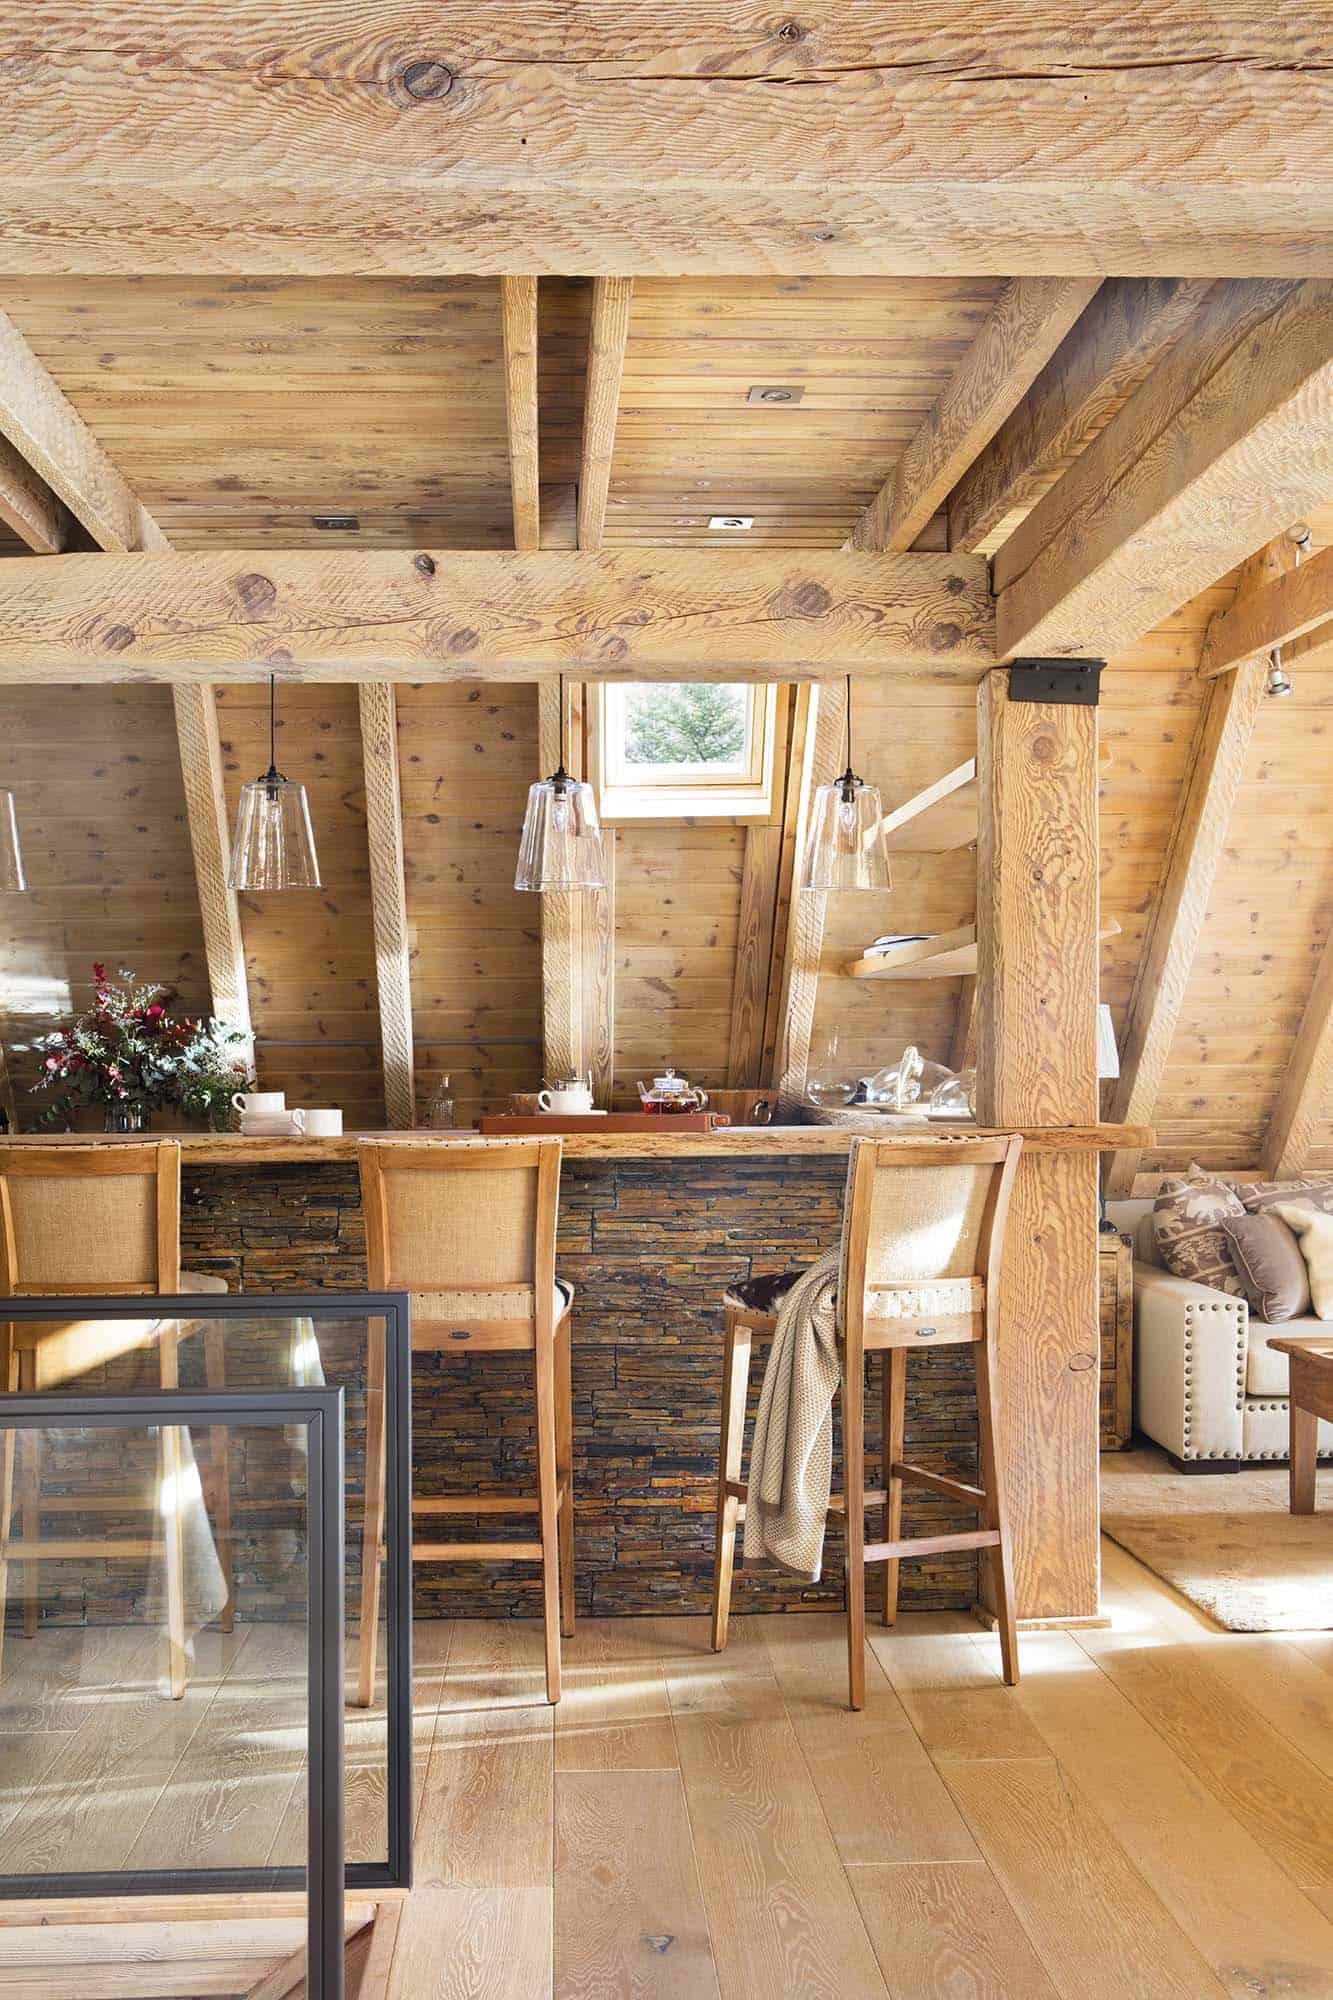 cuisine-cabane-rustique